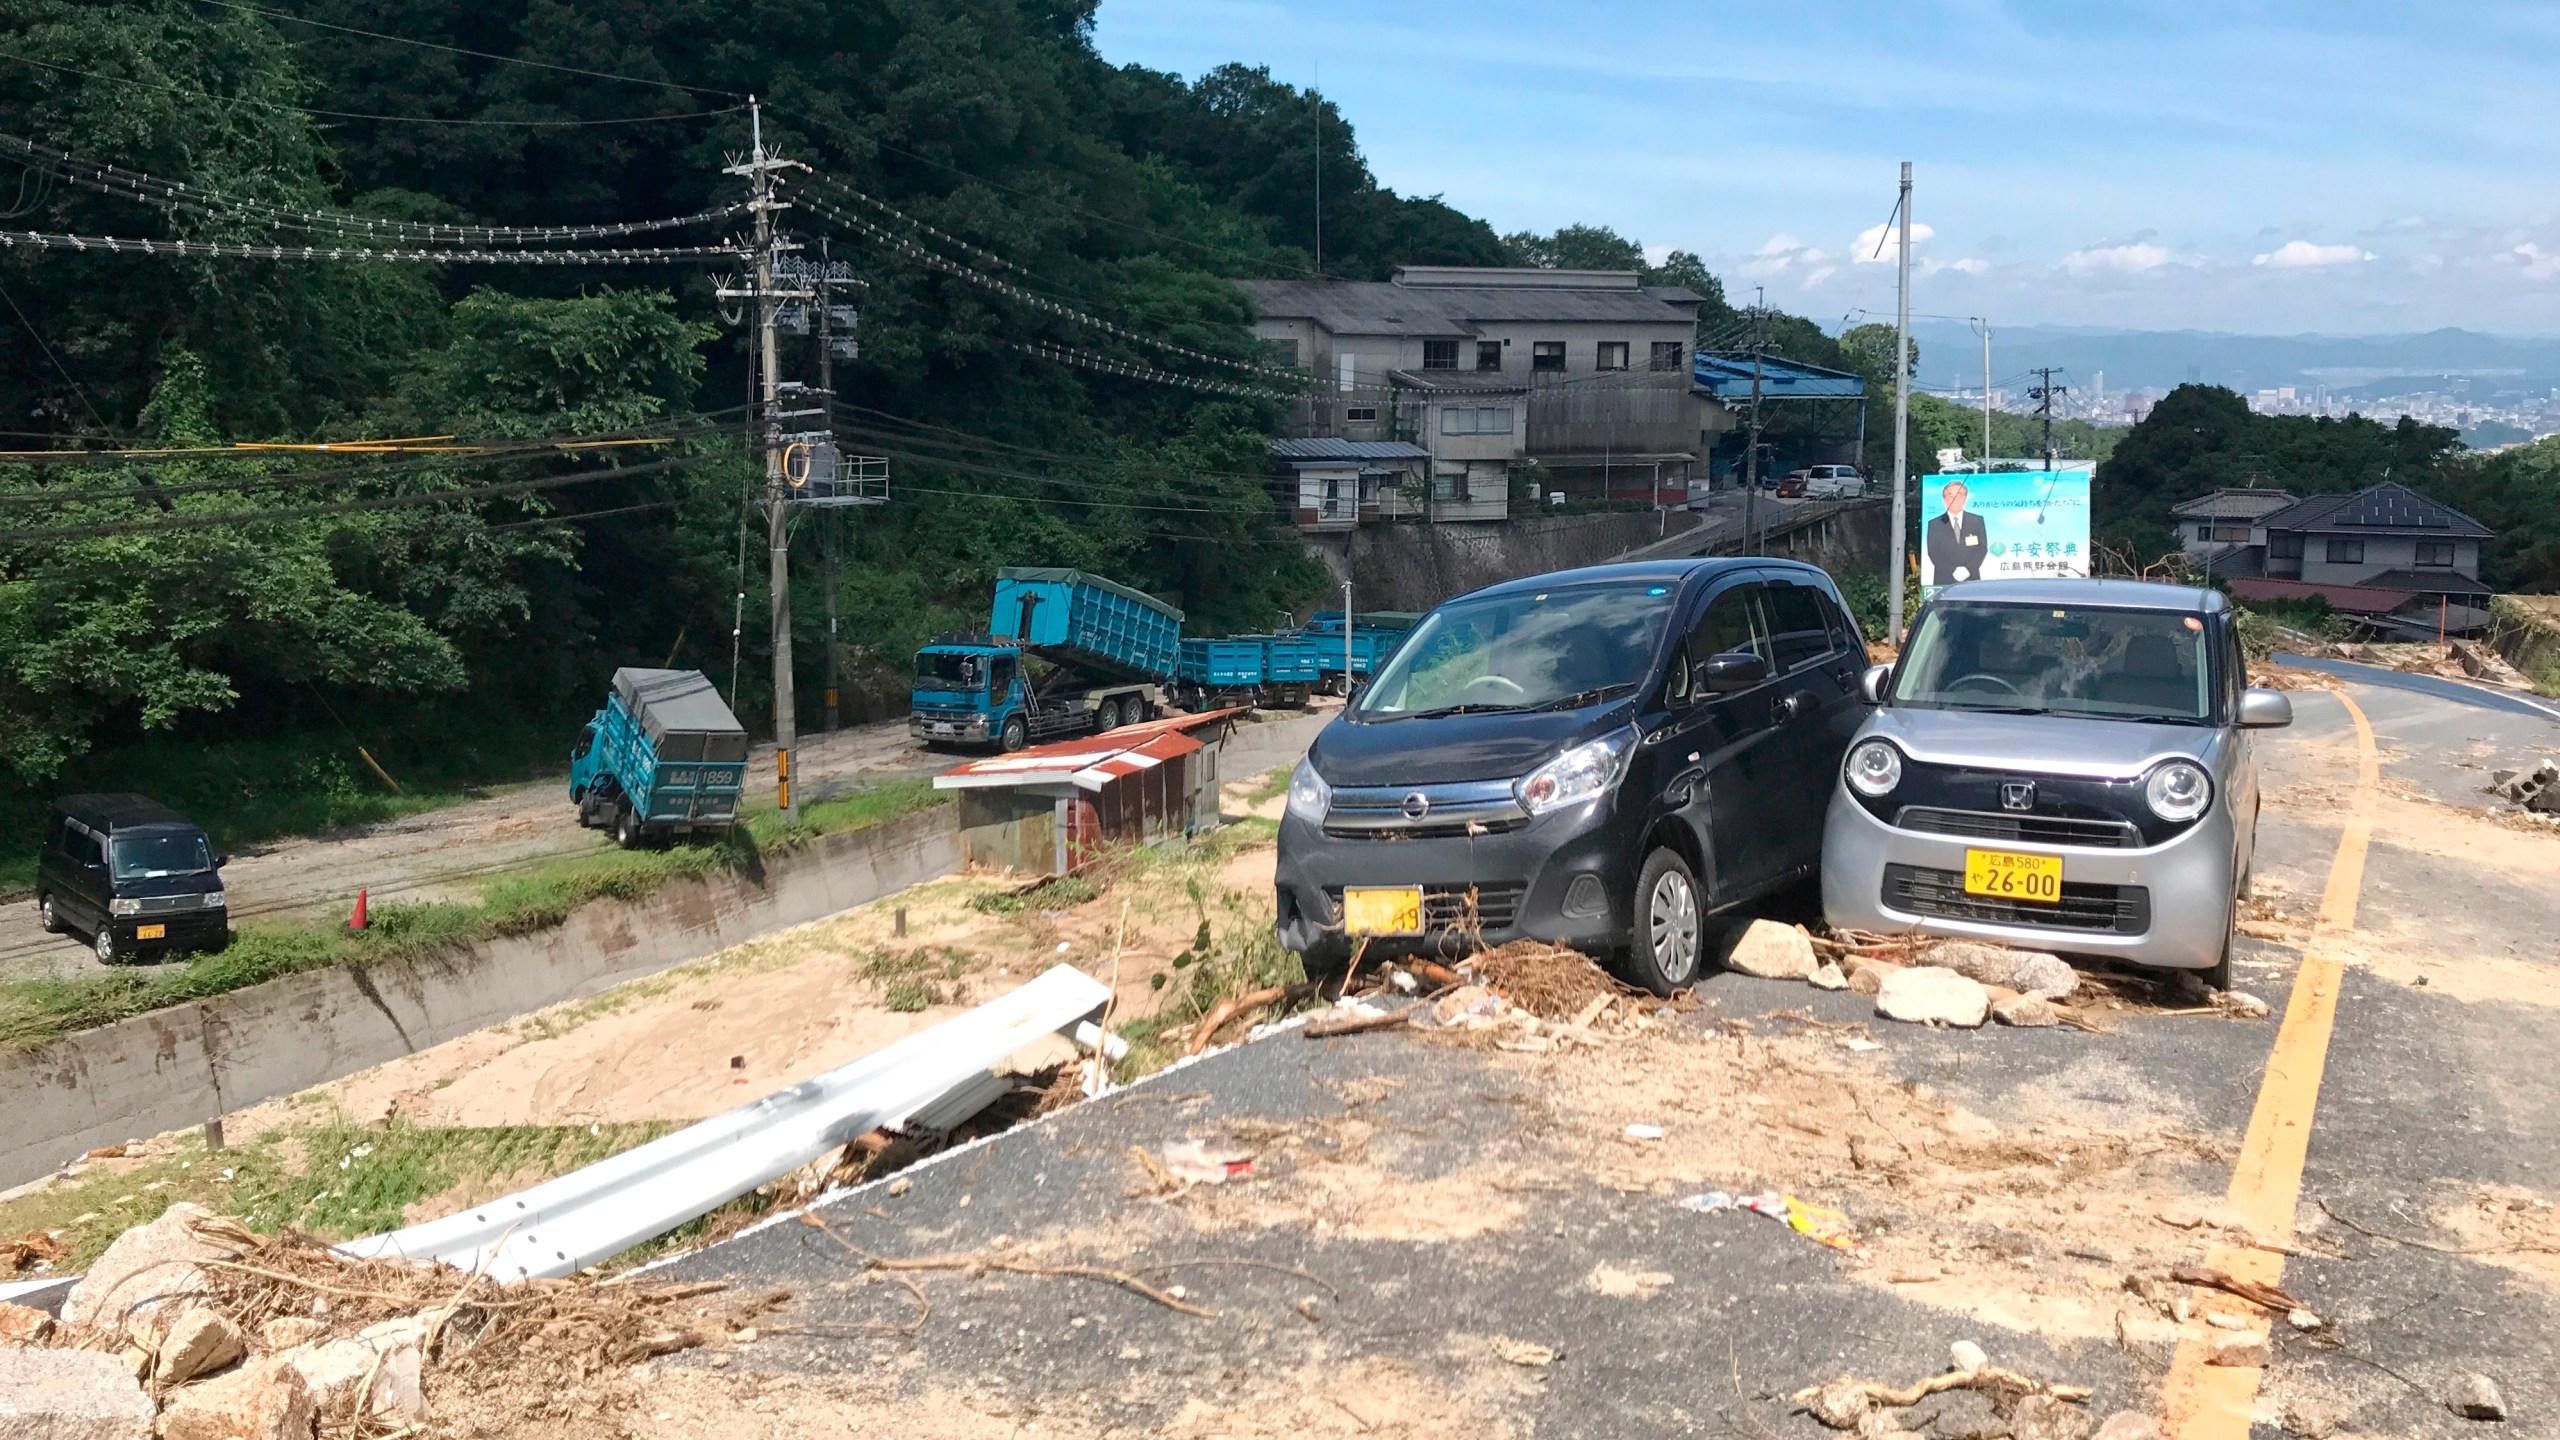 Japan_Heavy_Rain_65811-159532.jpg11439034